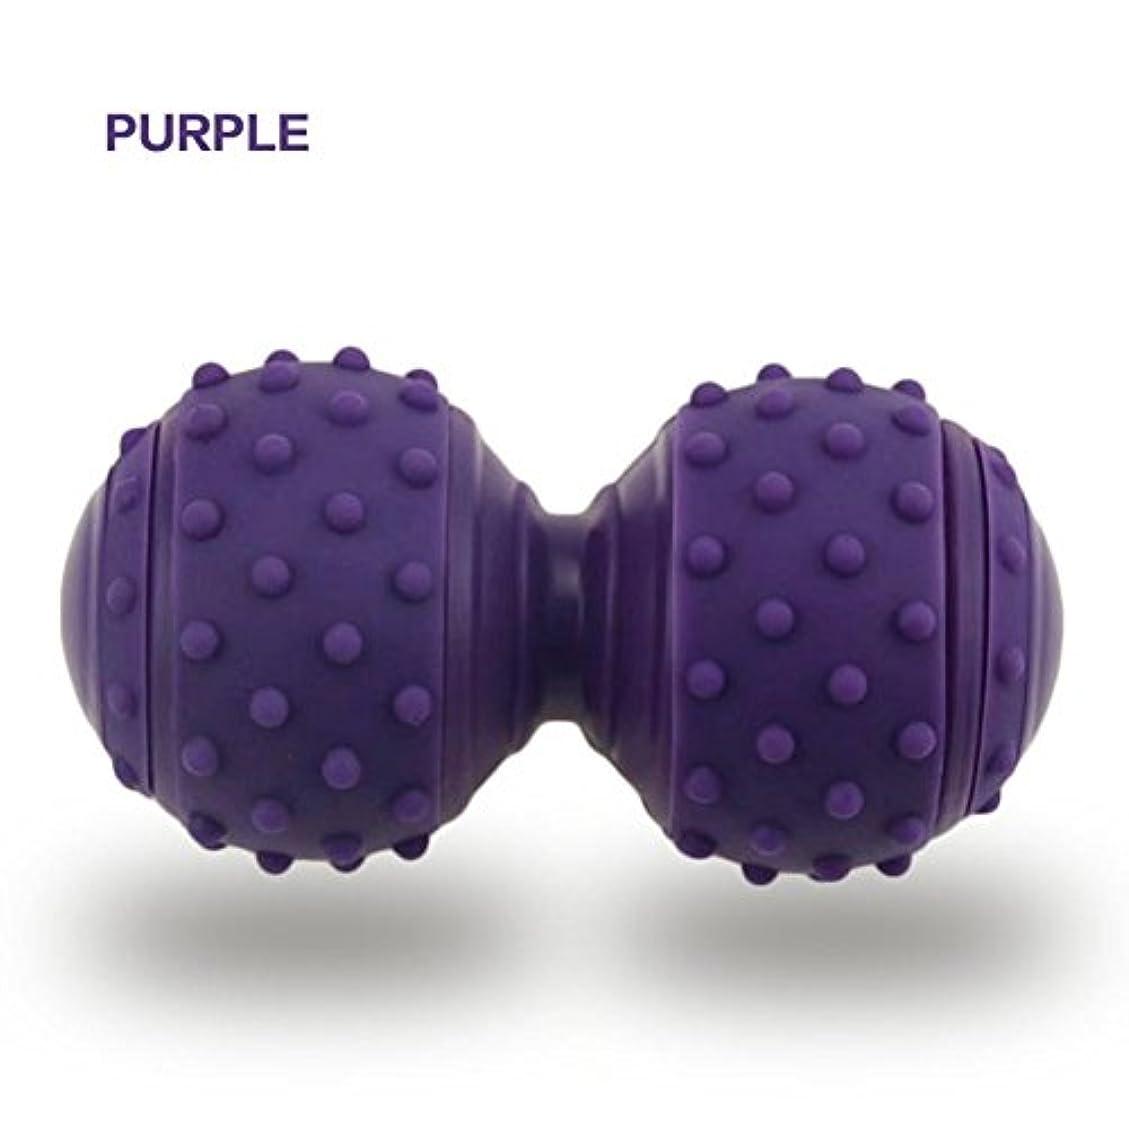 アーティキュレーション窒素ミントLUERME マッサージボール ストレッチボール 疲れ解消ボールトリガーポイント 筋膜リリース 「 肩/背中/腰/ふくらはぎ/足裏 」 ツボ押しグッズ